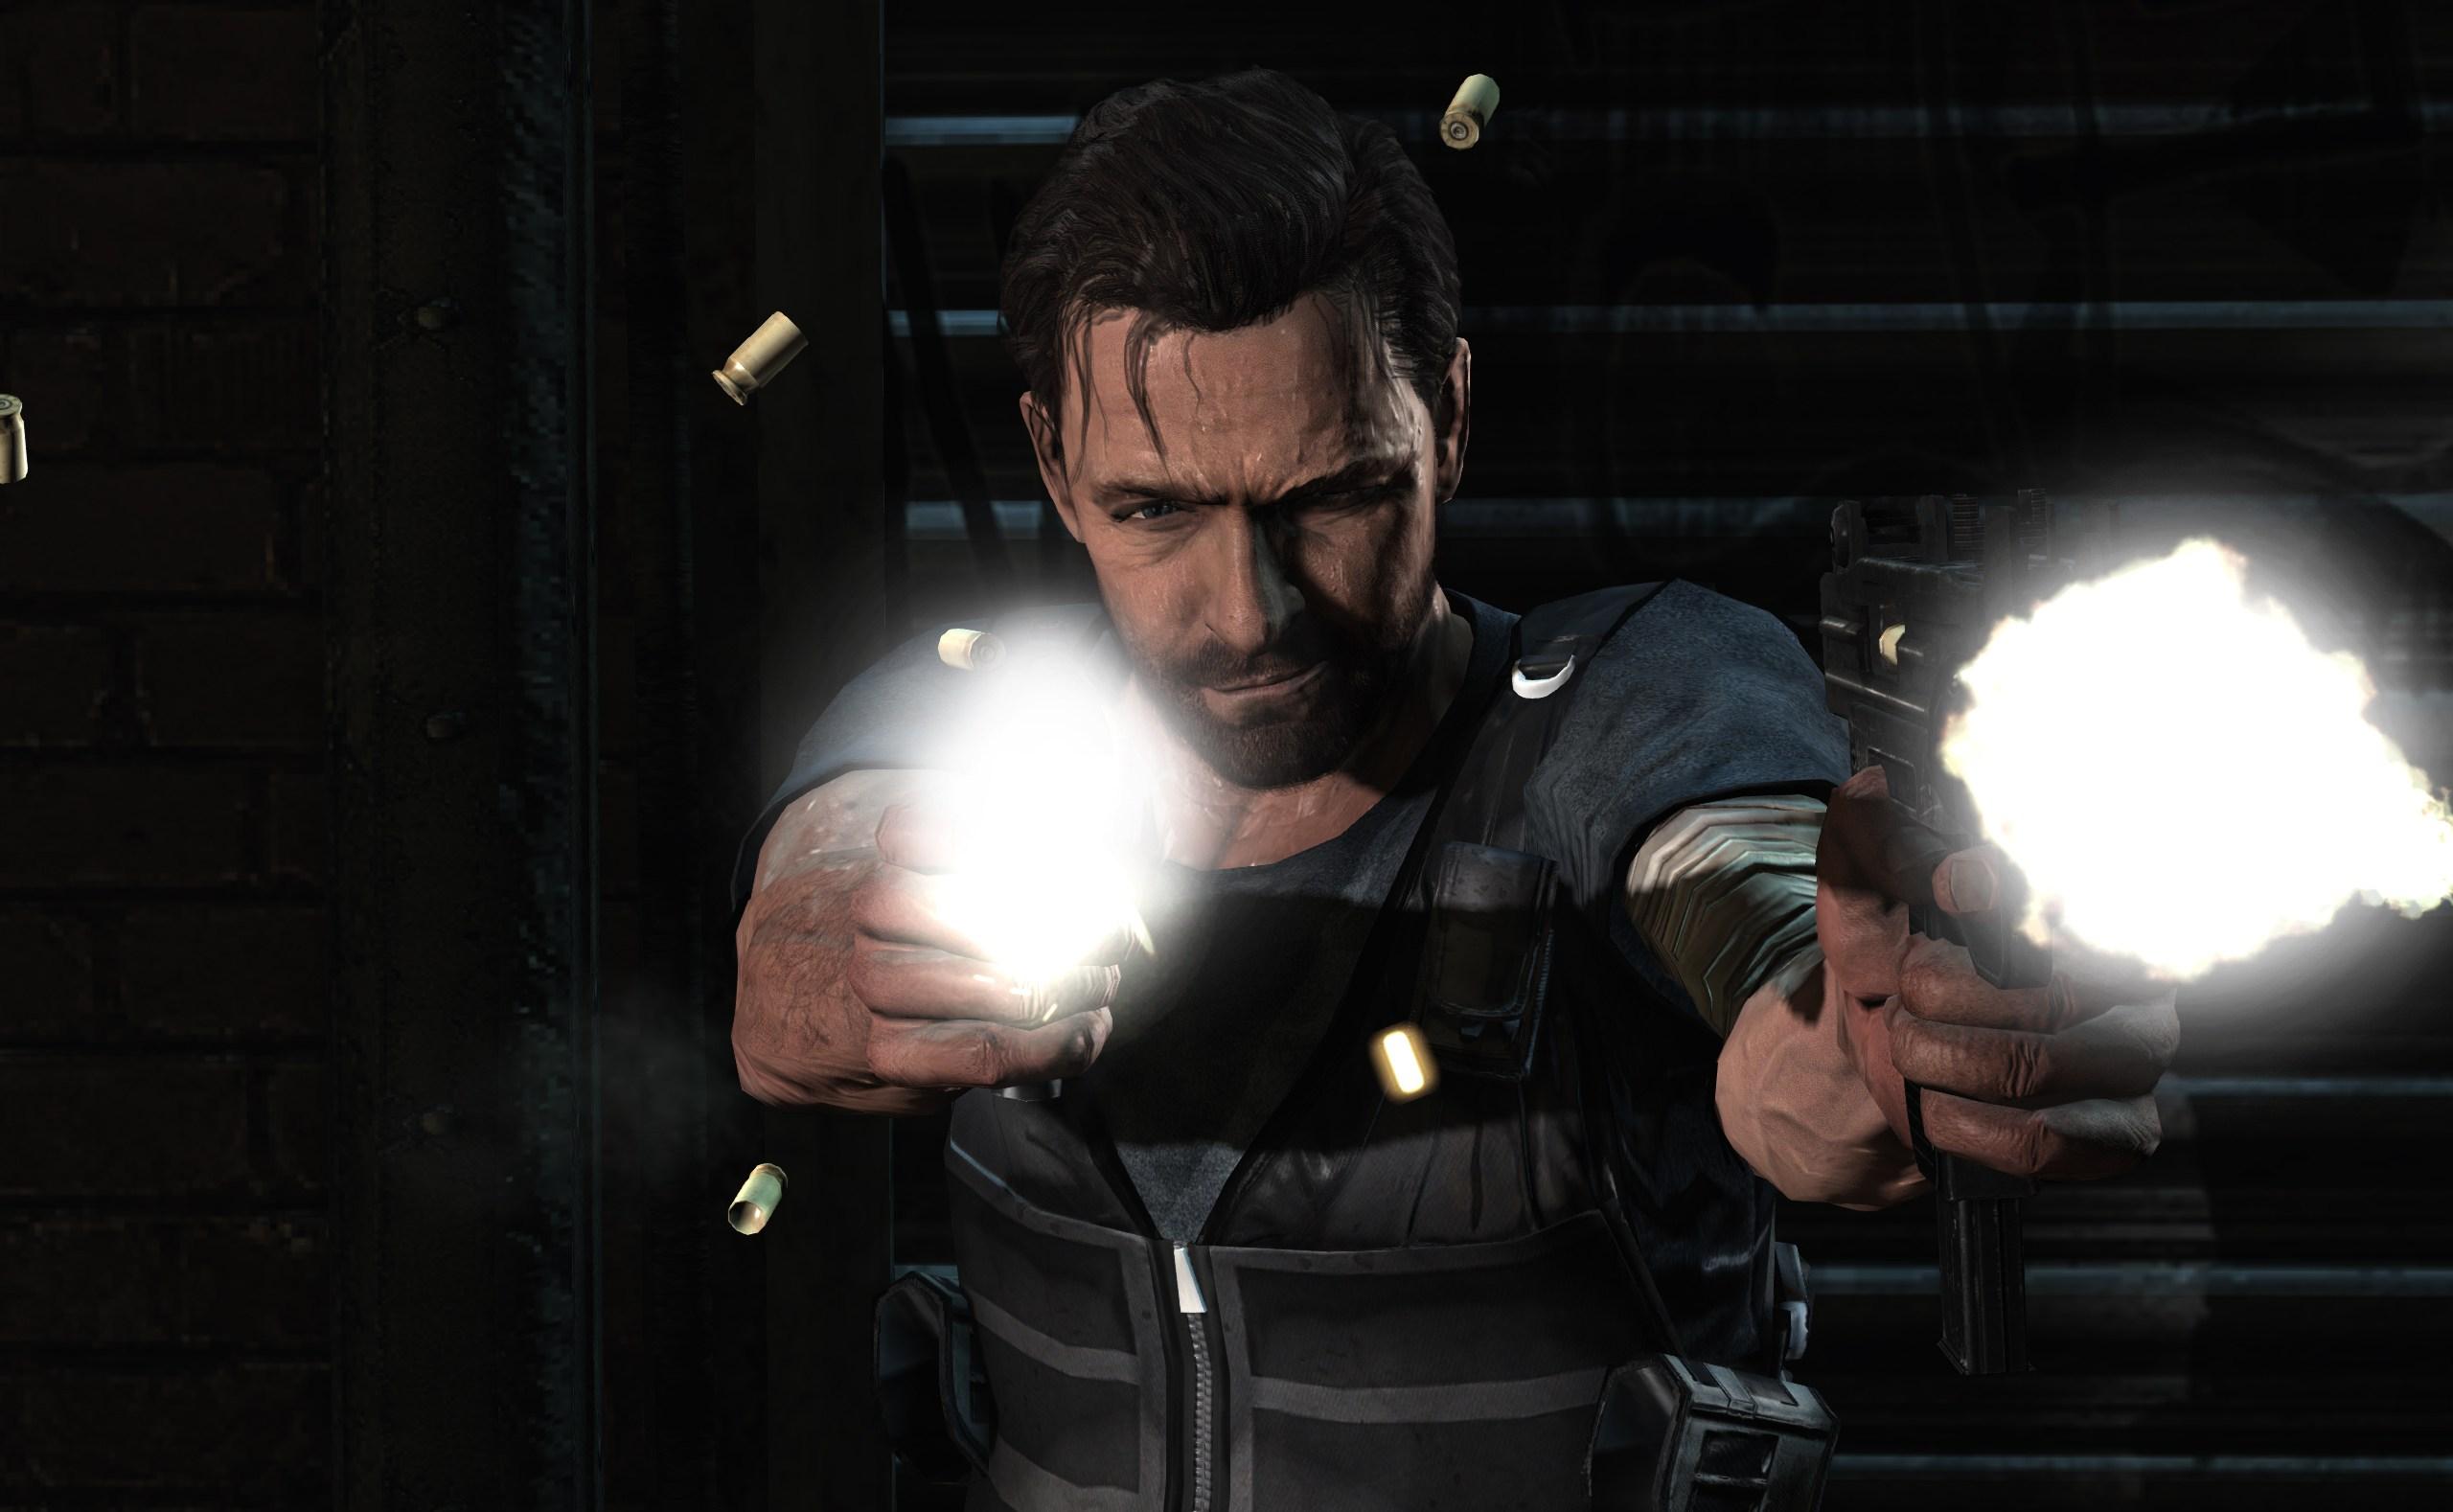 El multiplayer de Max Payne 3 viene con todo incluyendo el tiempo bala [Take my money!]